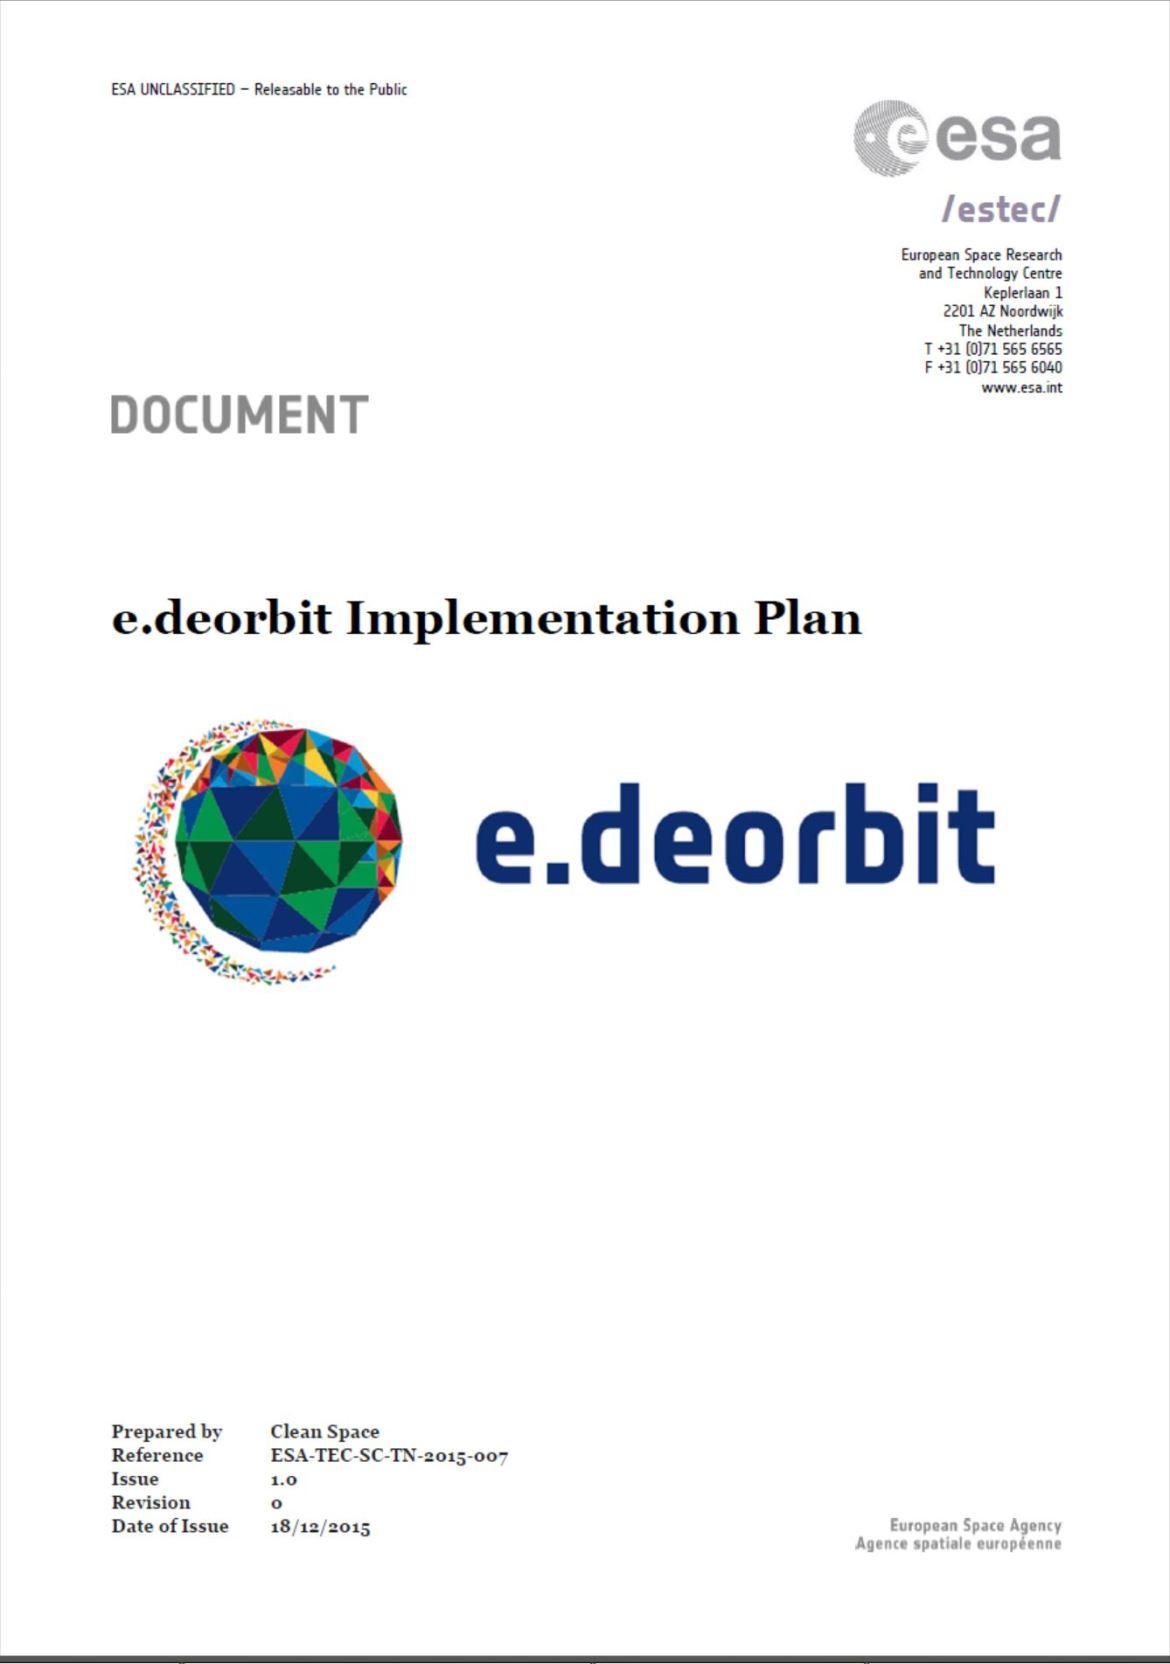 2015 e.deorbit implementation plan